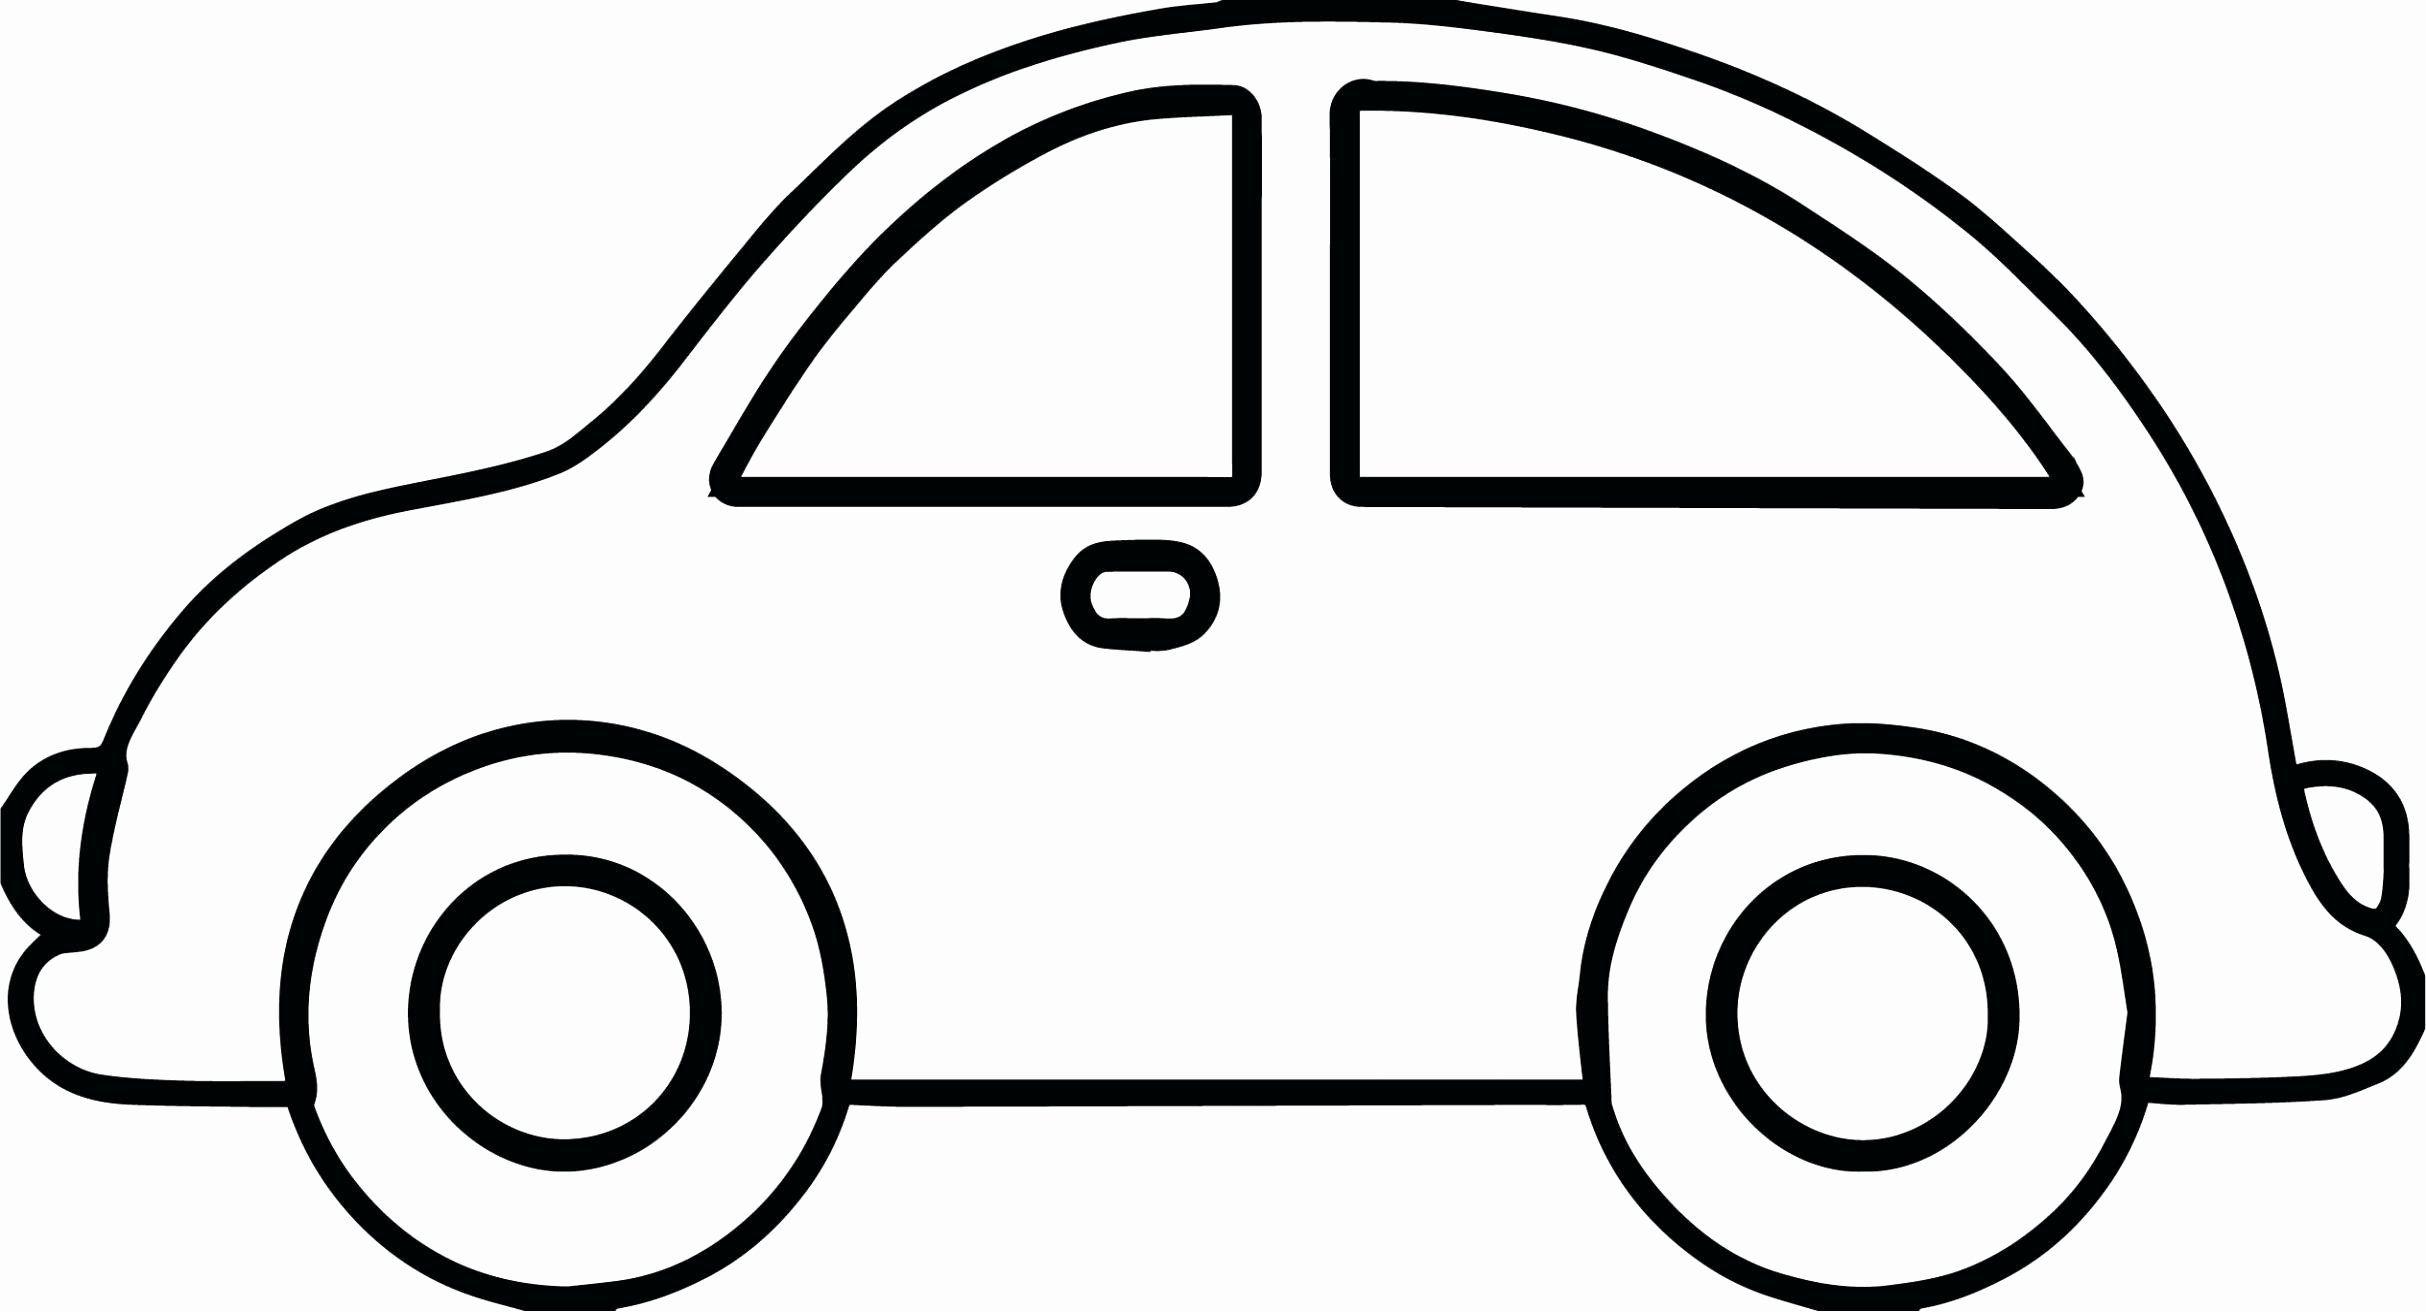 Transport Coloring Pages For Preschoolers Inspirational Kids Car Coloring Page Carrinho Desenho Revelar O Genero Na Gravidez Atividades Da Biblia Para Criancas